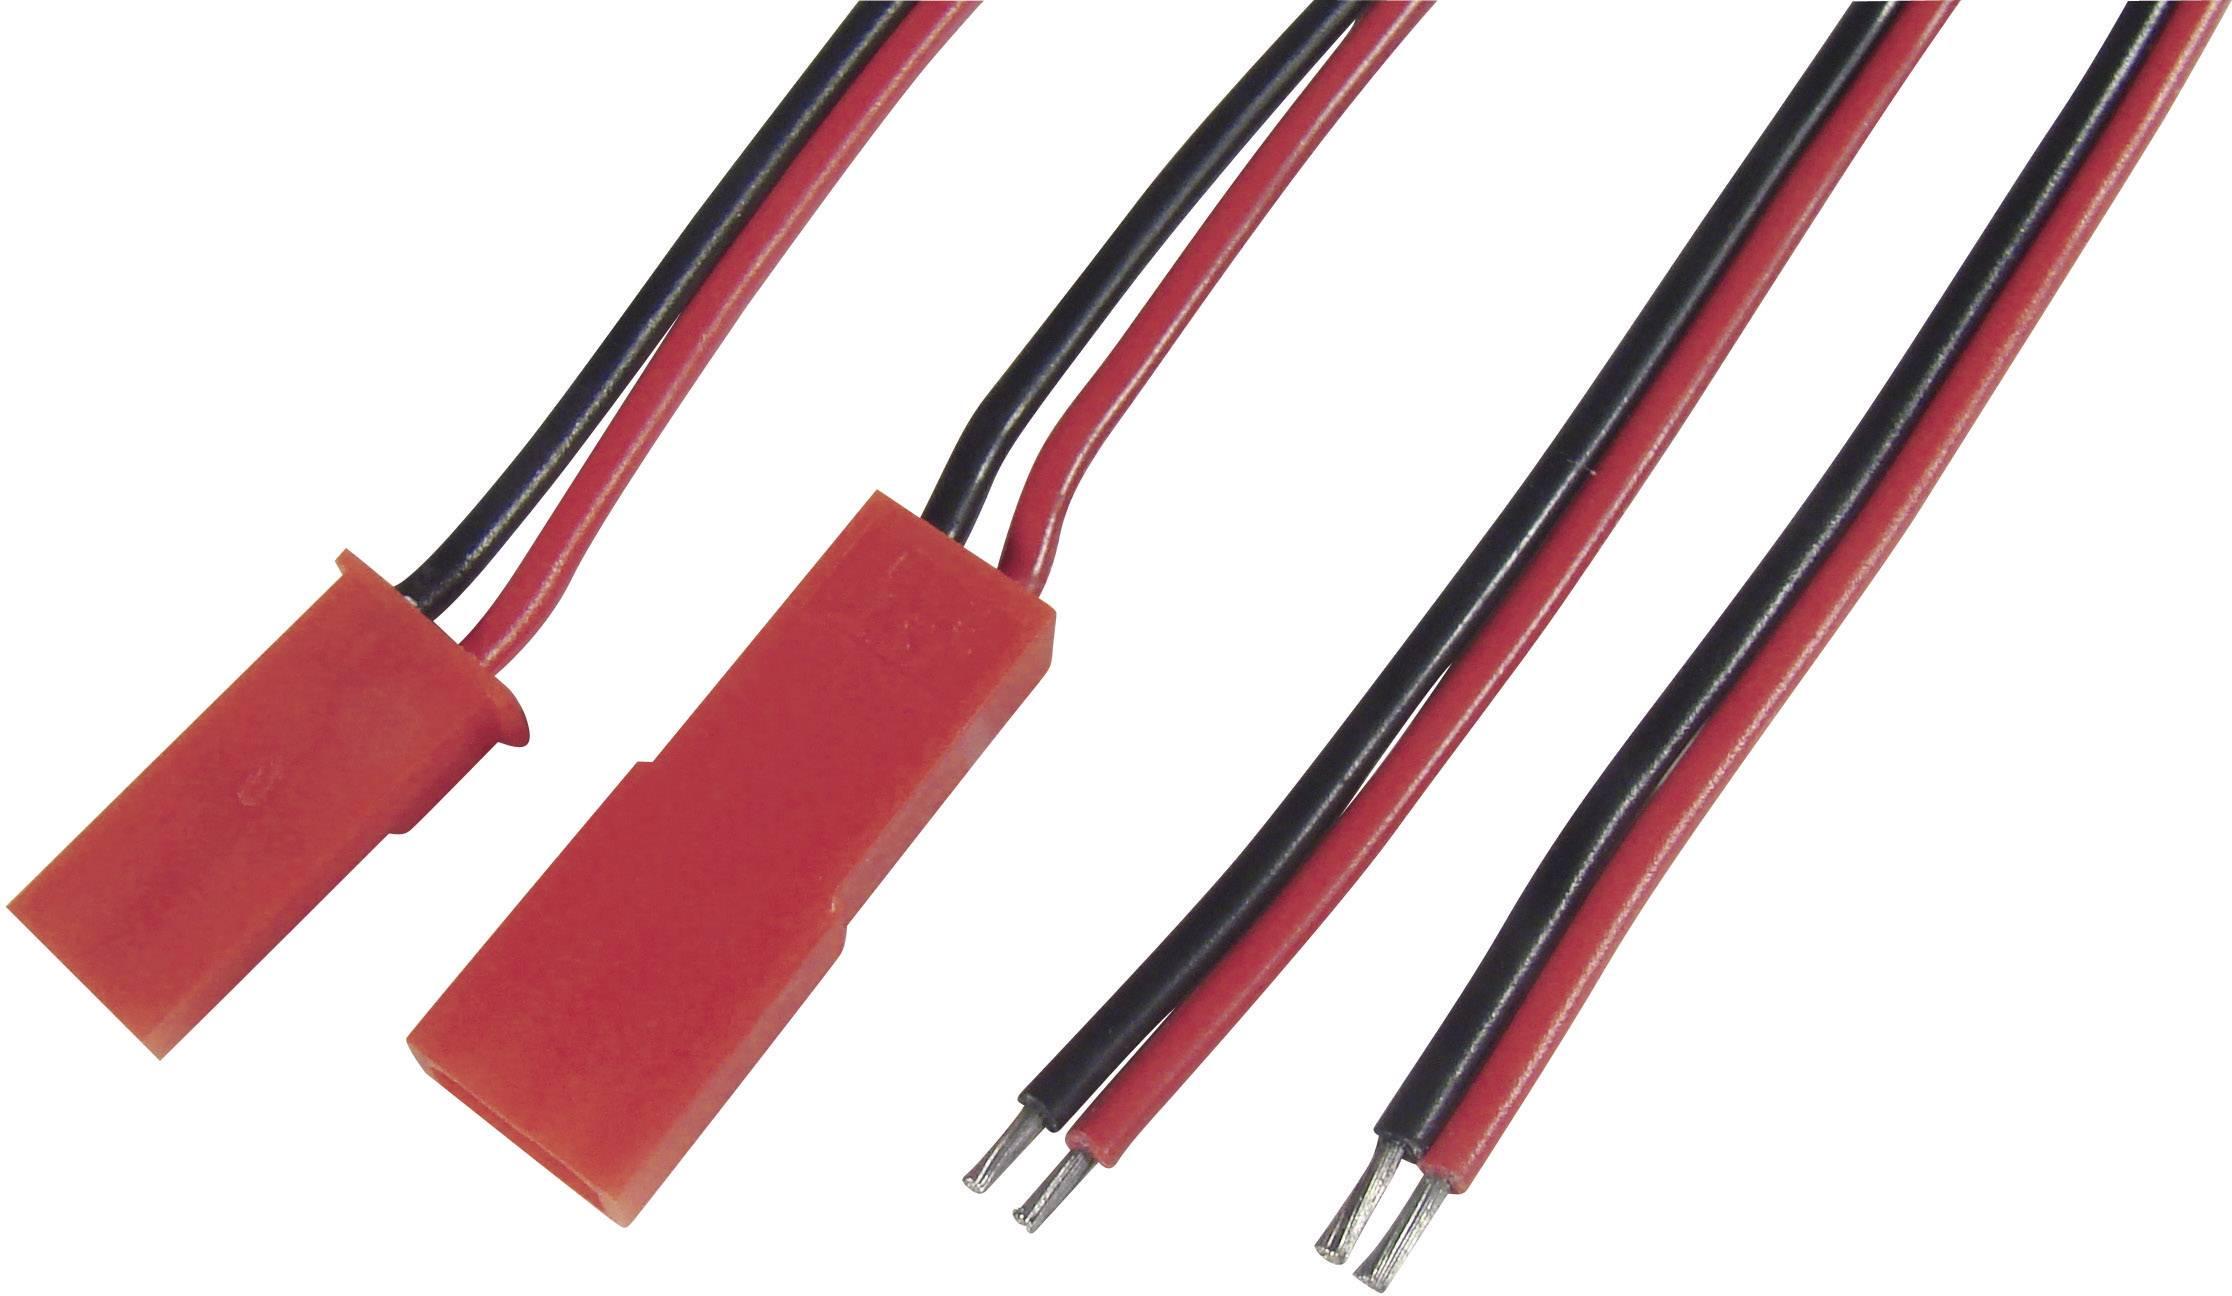 Napájecí kabely Modelcraft, BEC zástrčka a zásuvka, 0,50 mm²